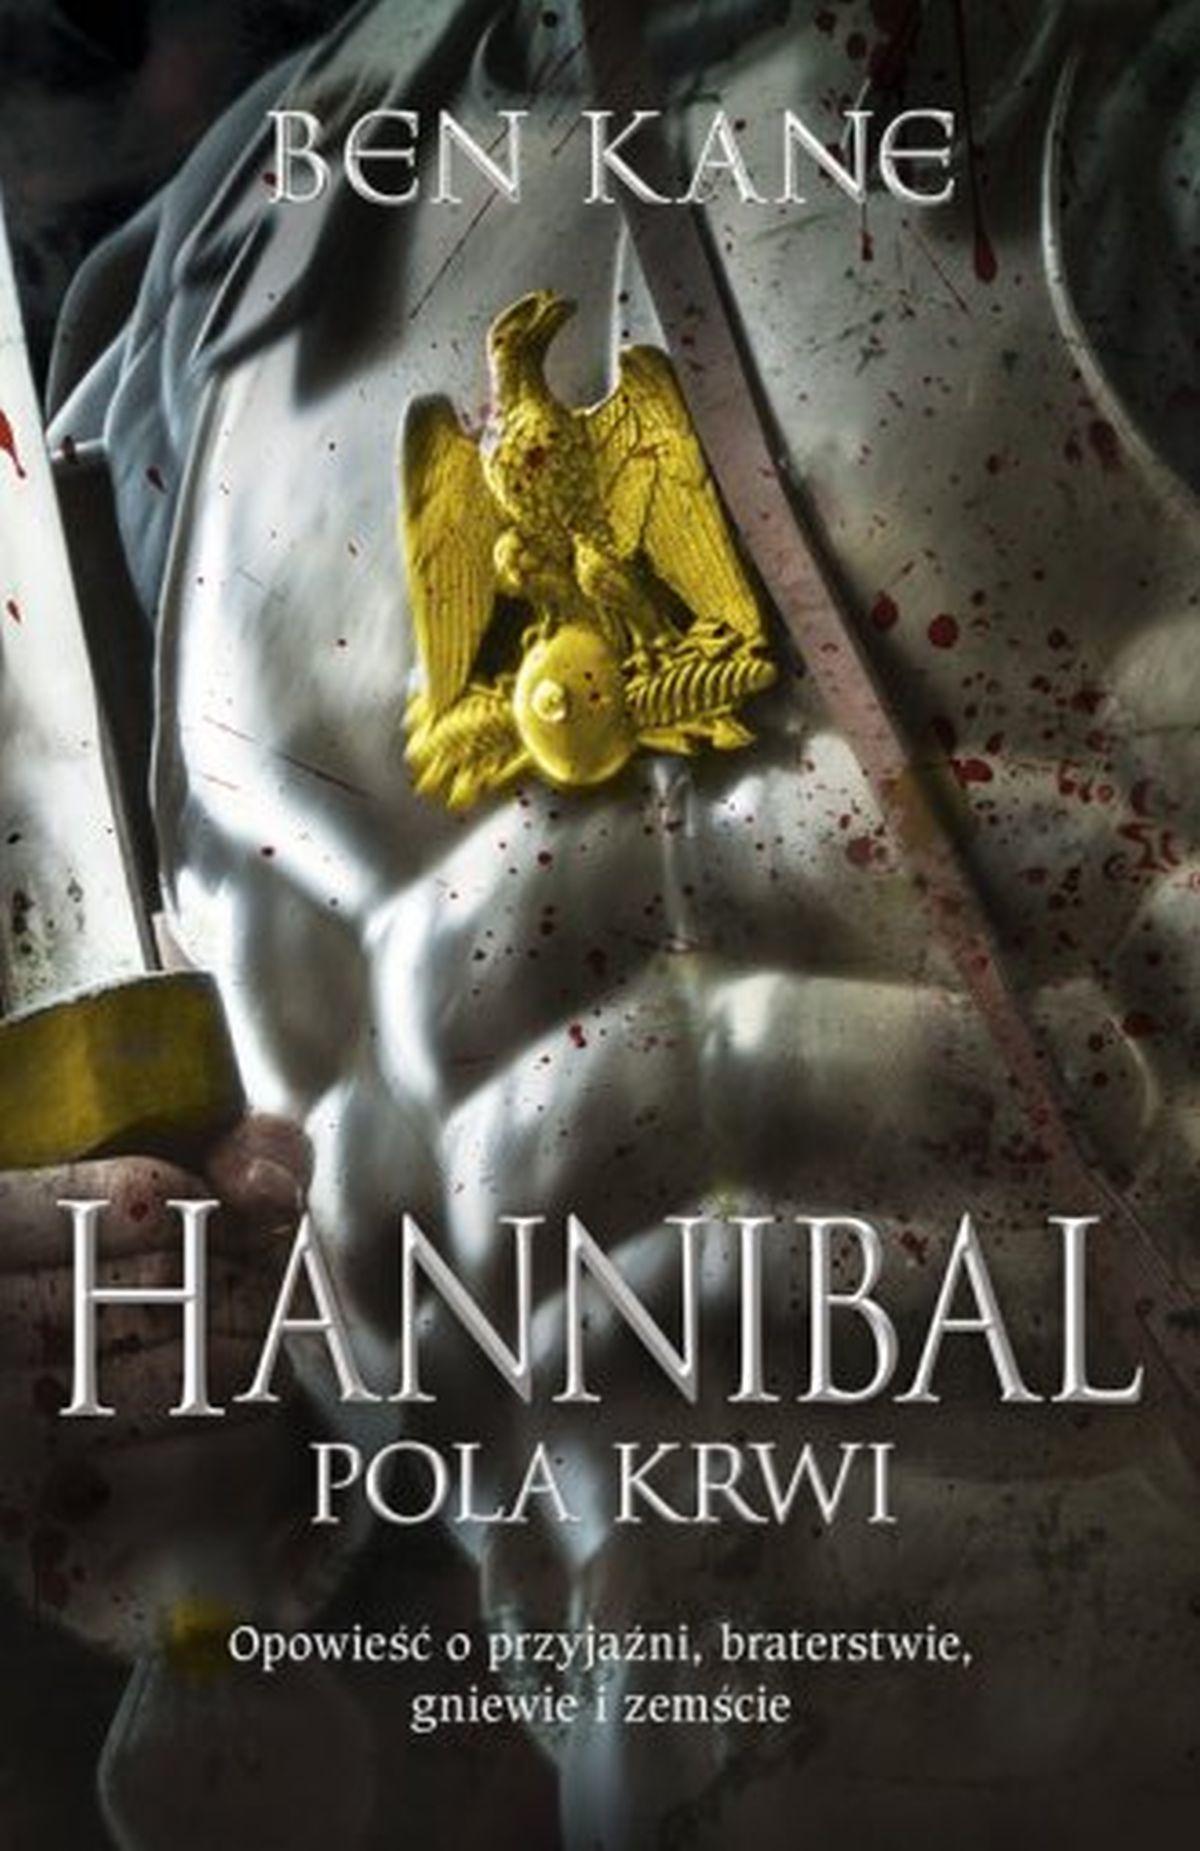 Ben Kane, Hannibal. Pola krwi